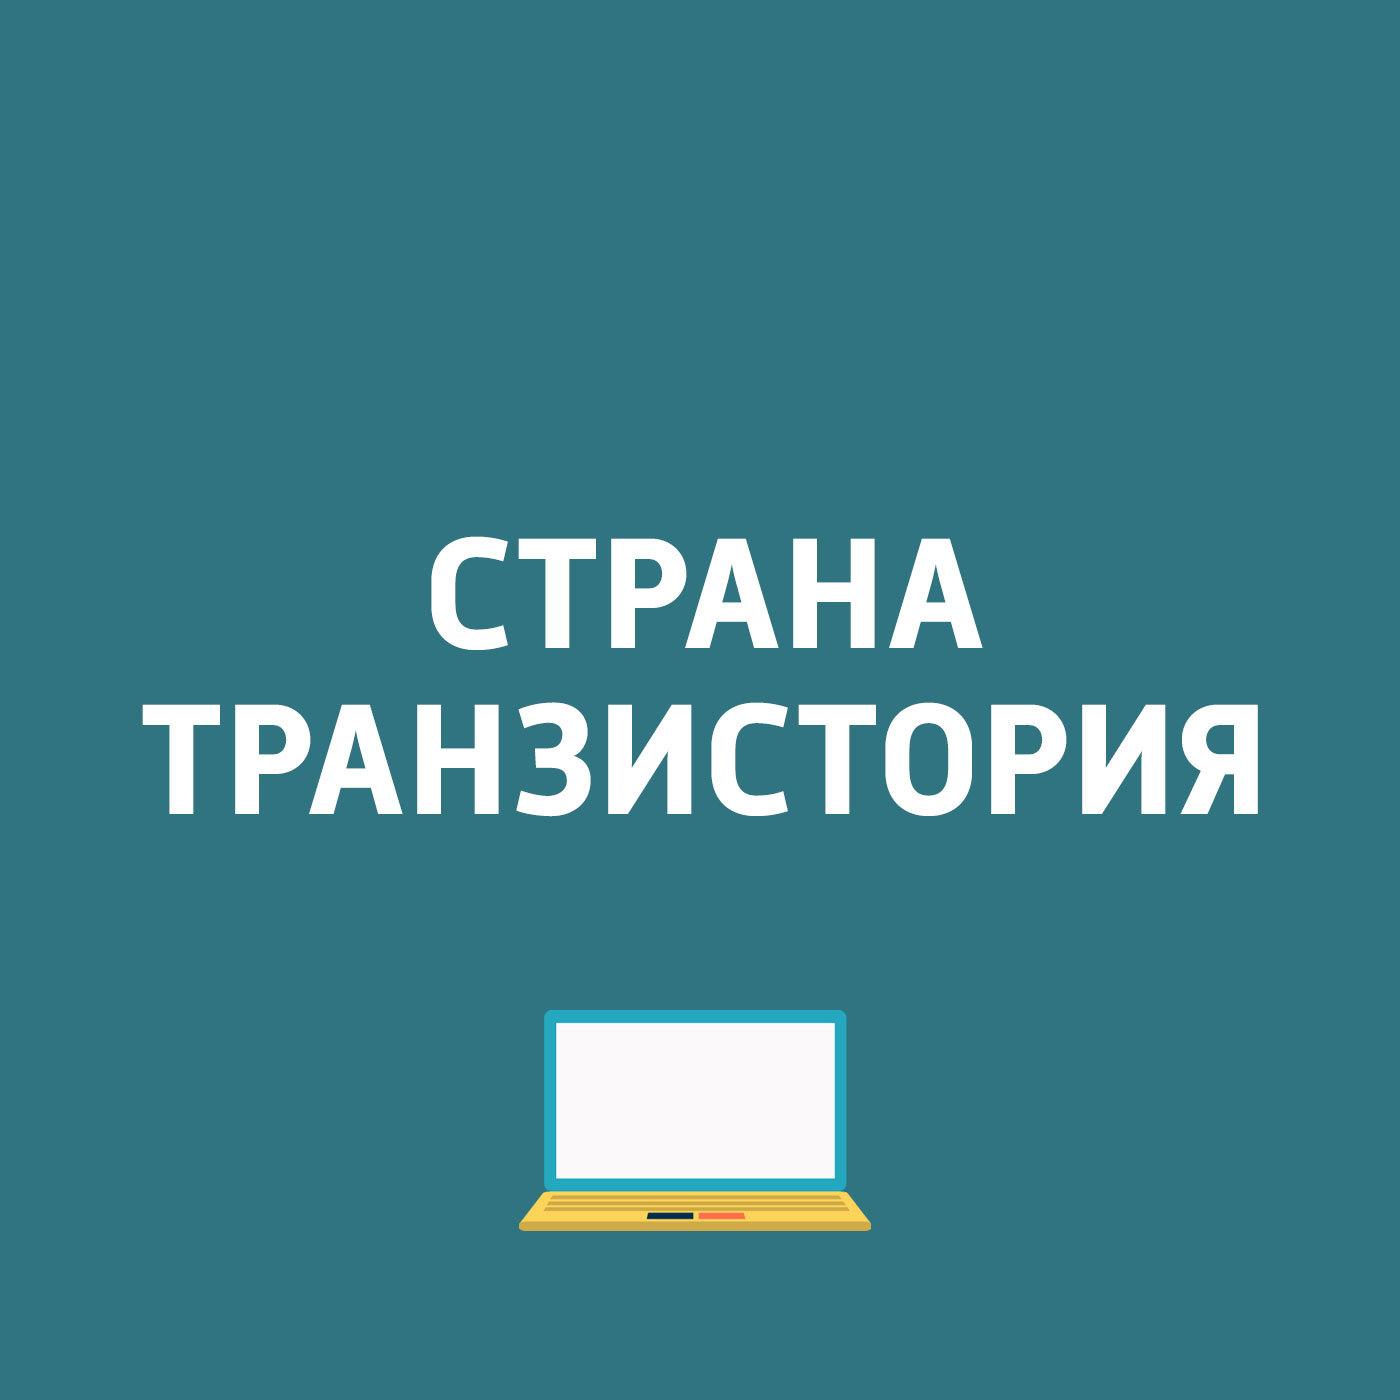 Картаев Павел В России состоялась презентация LG G6 картаев павел в россии состоялась презентация lg g6